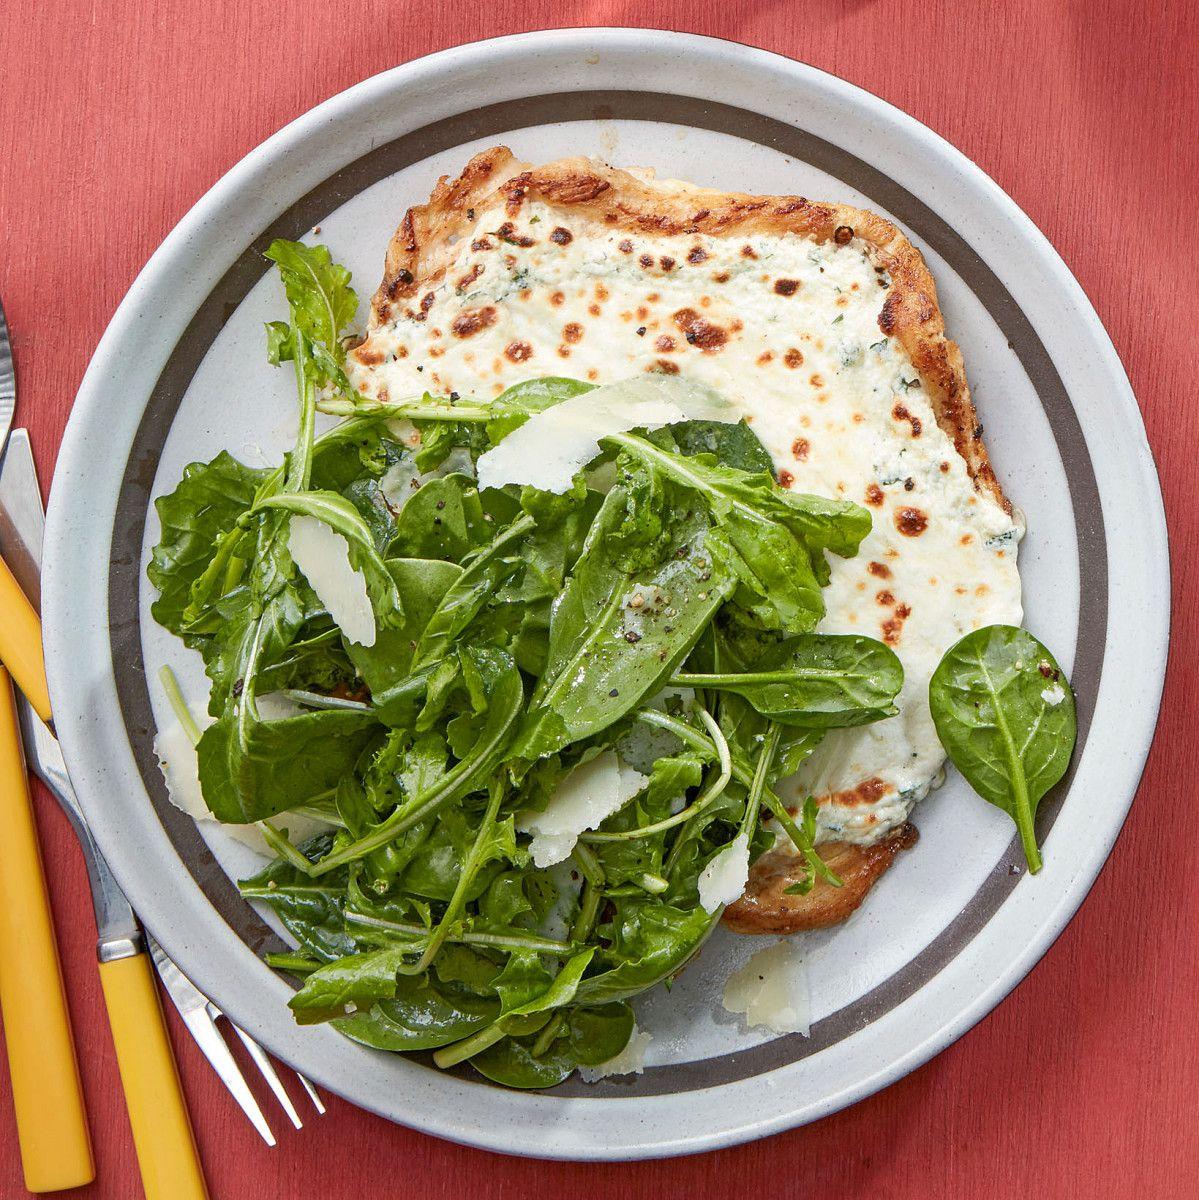 Chicken Paillard White Pizzette With Spinach Arugula Salad Recipe Chicken Paillard Spinach Arugula Salad